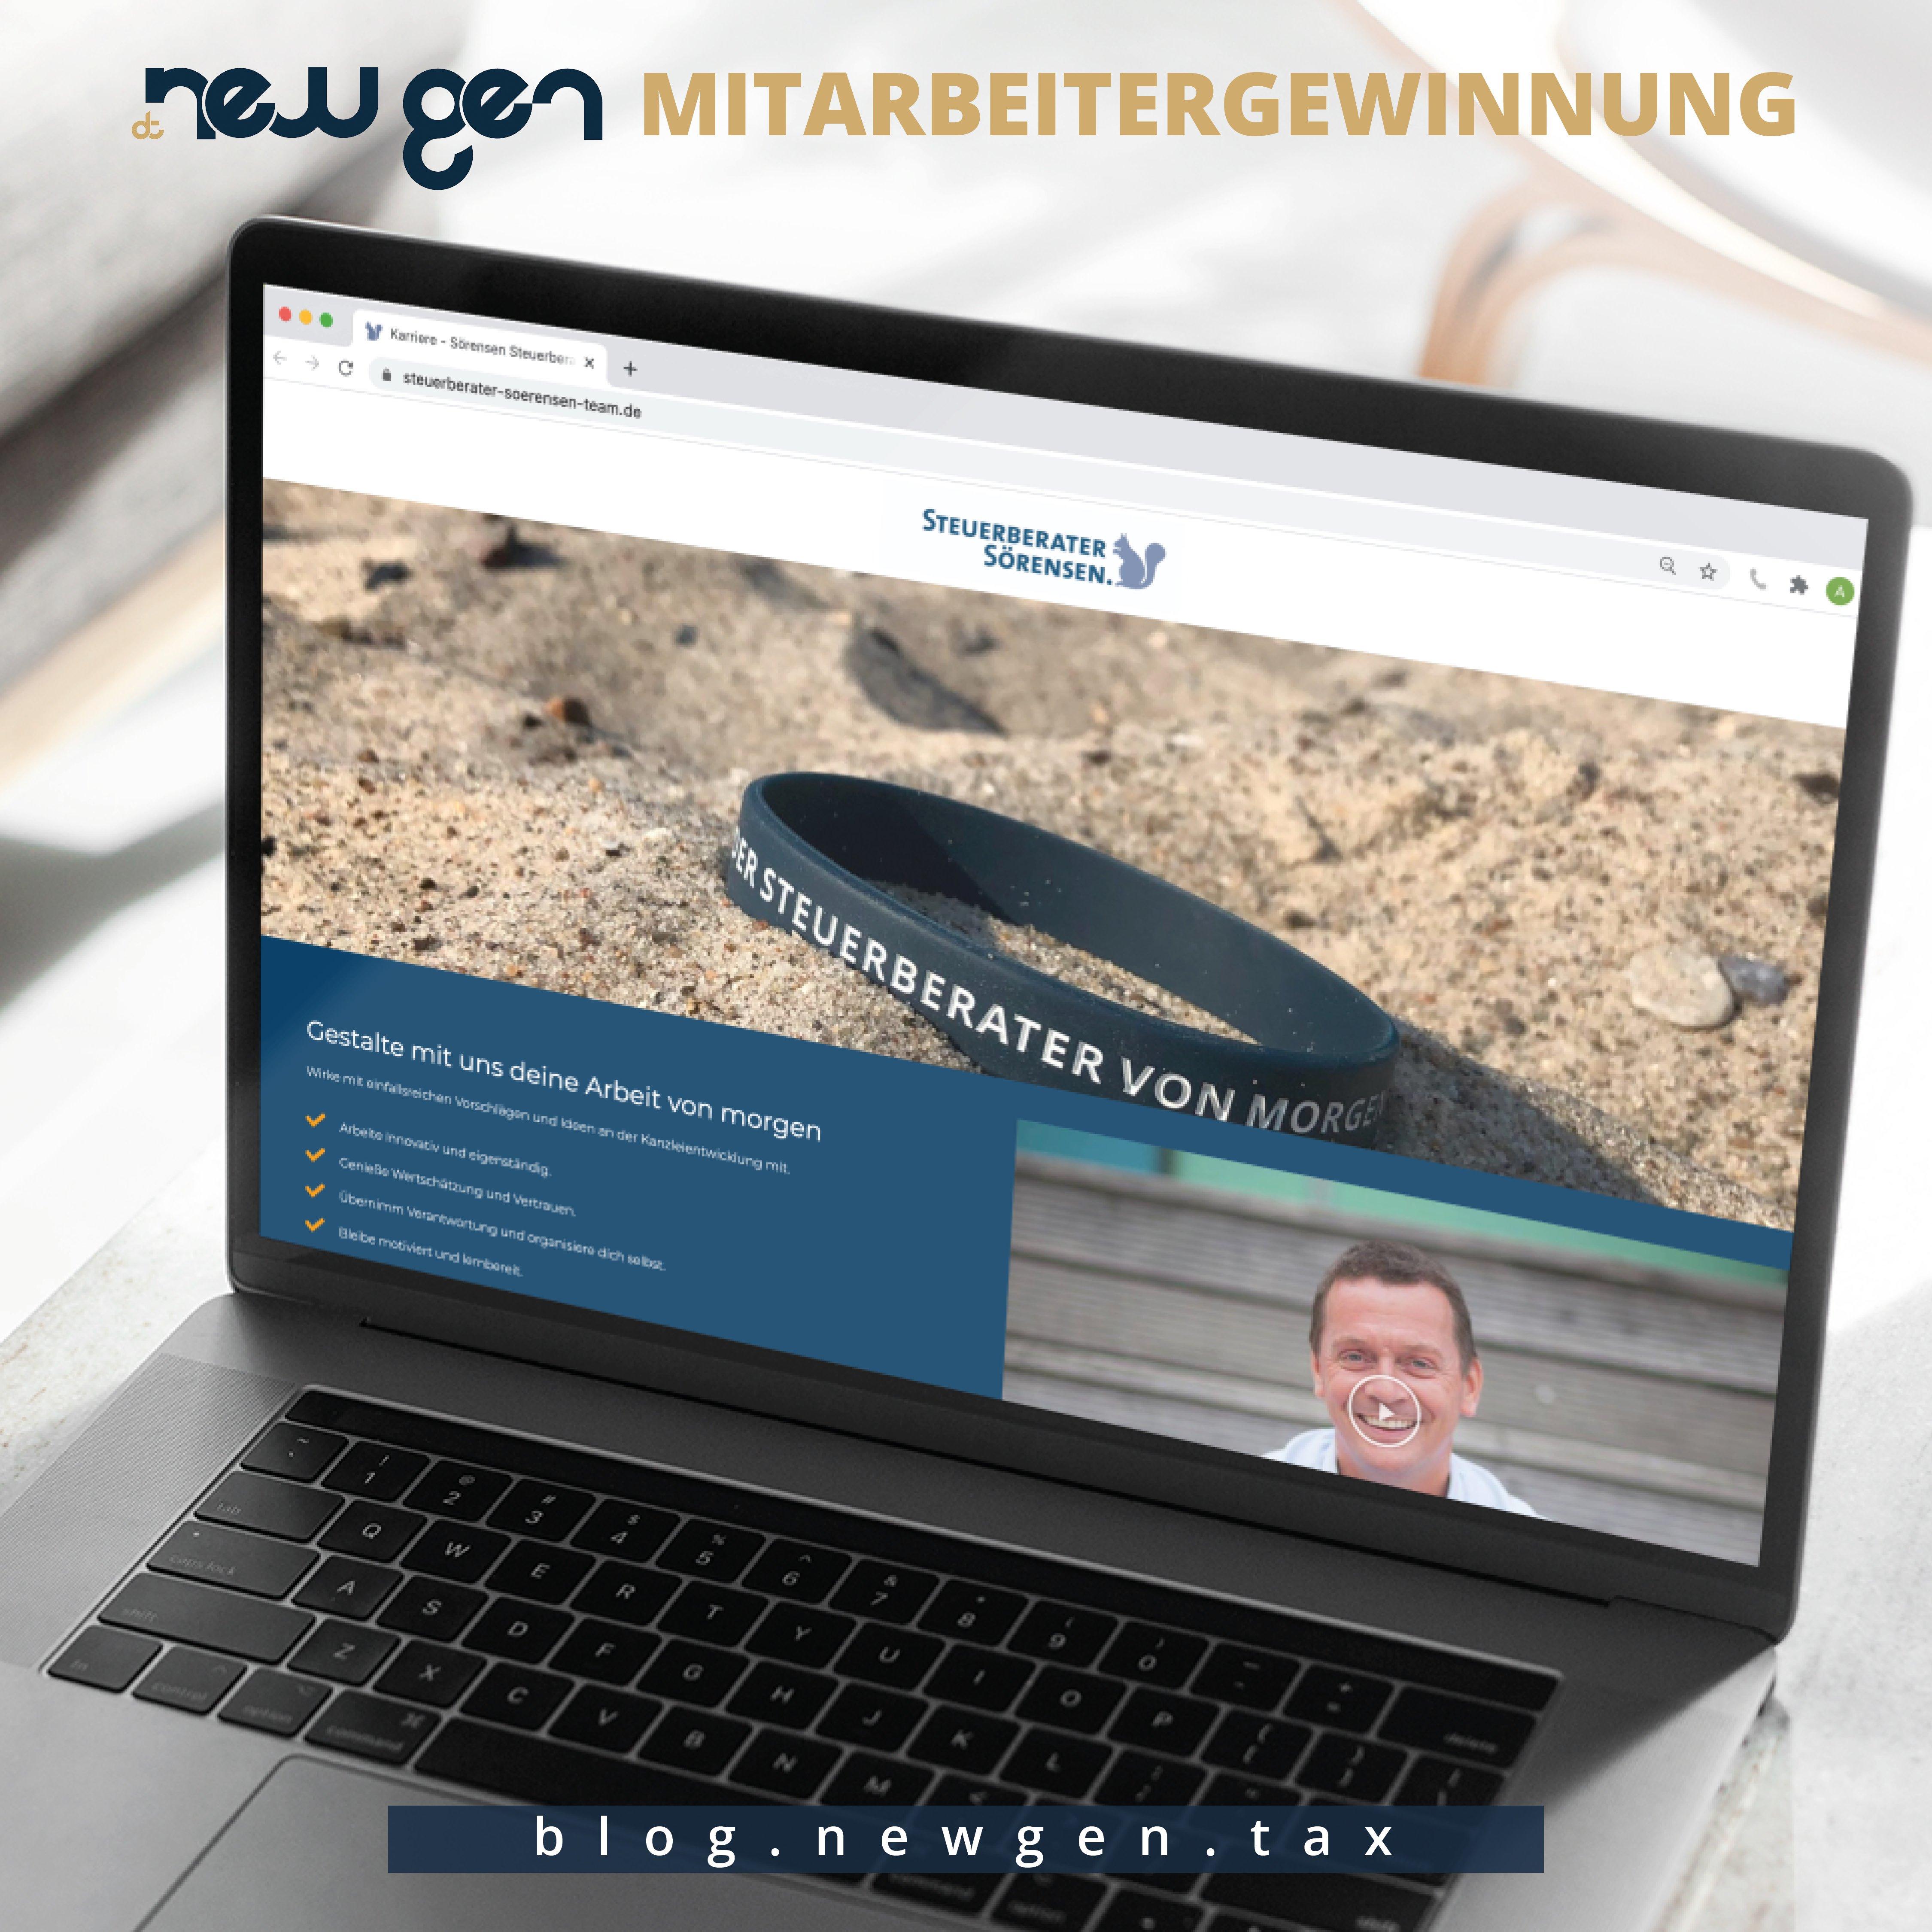 new gen Mitarbeitergewinnung - Lars Sörensen